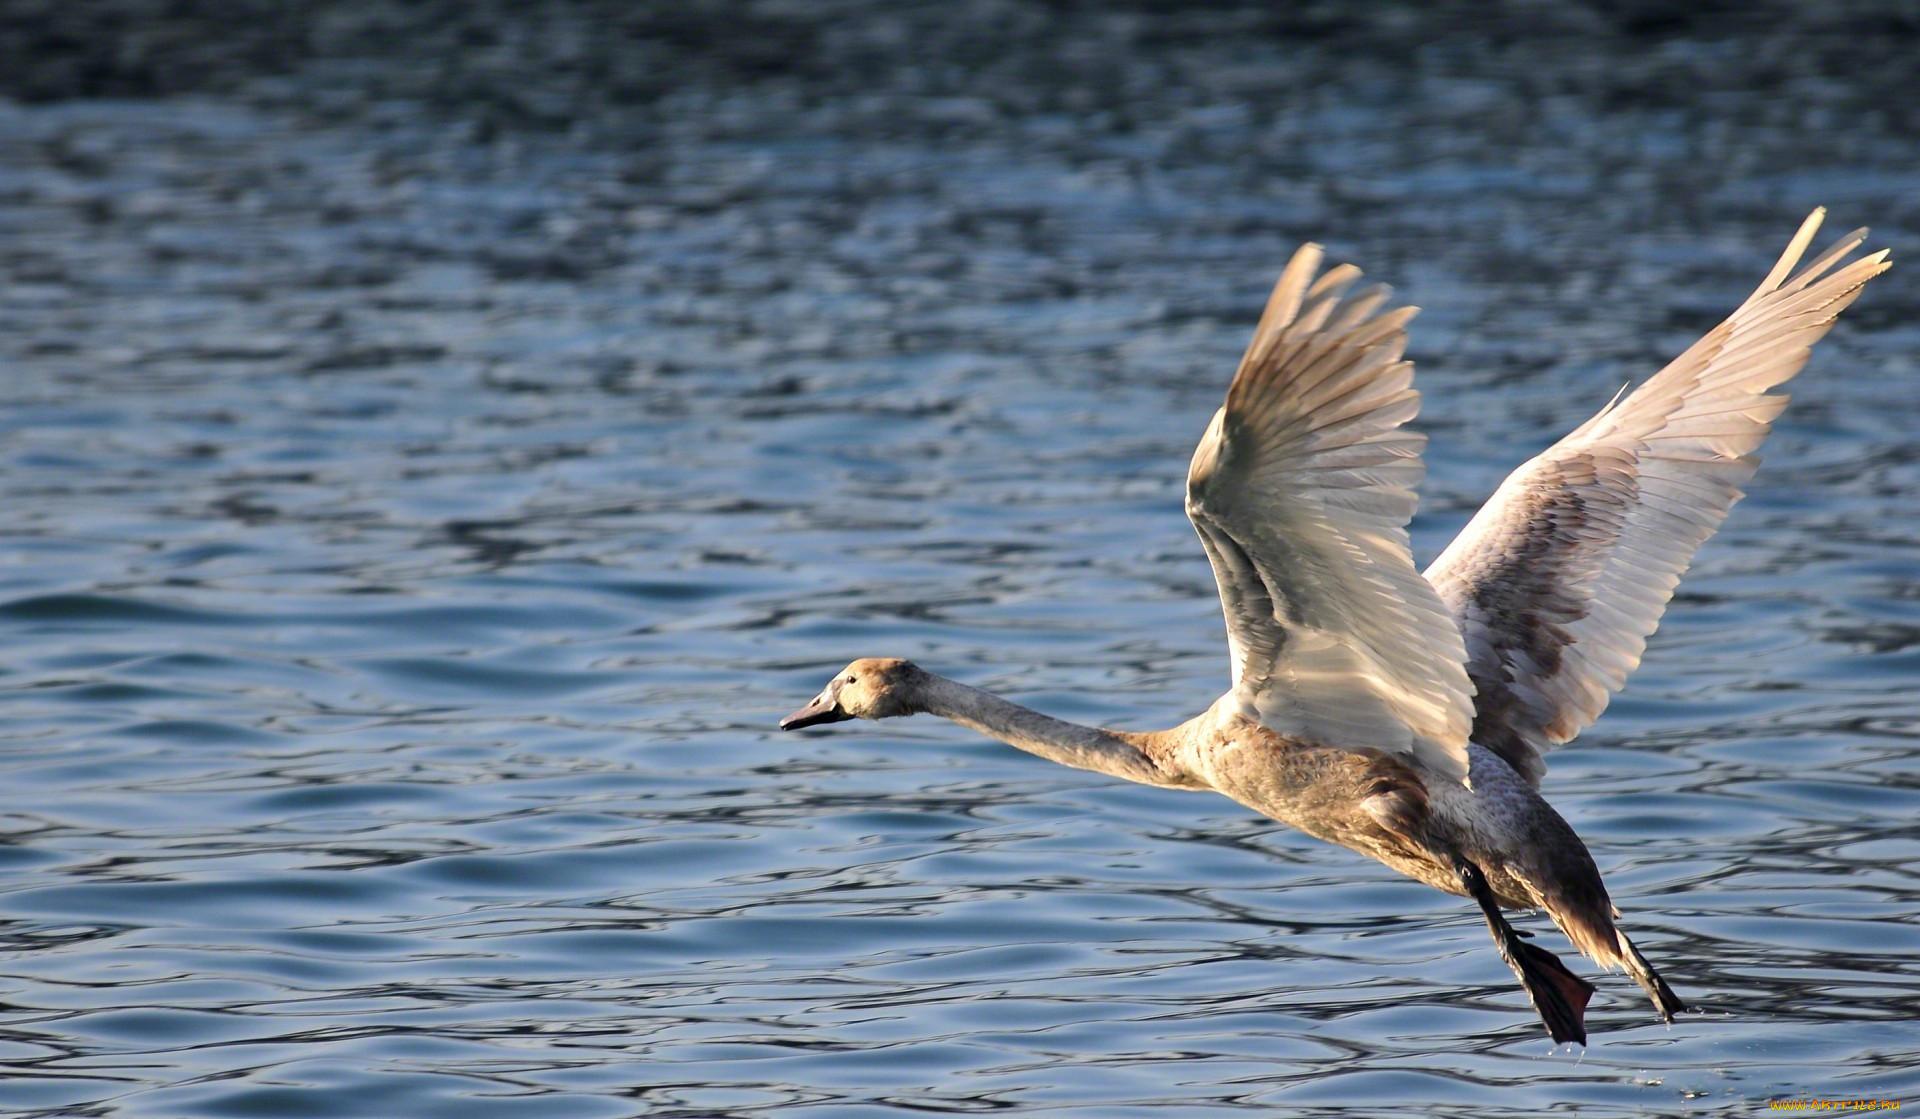 животные, лебеди, вода, полет, лебедь